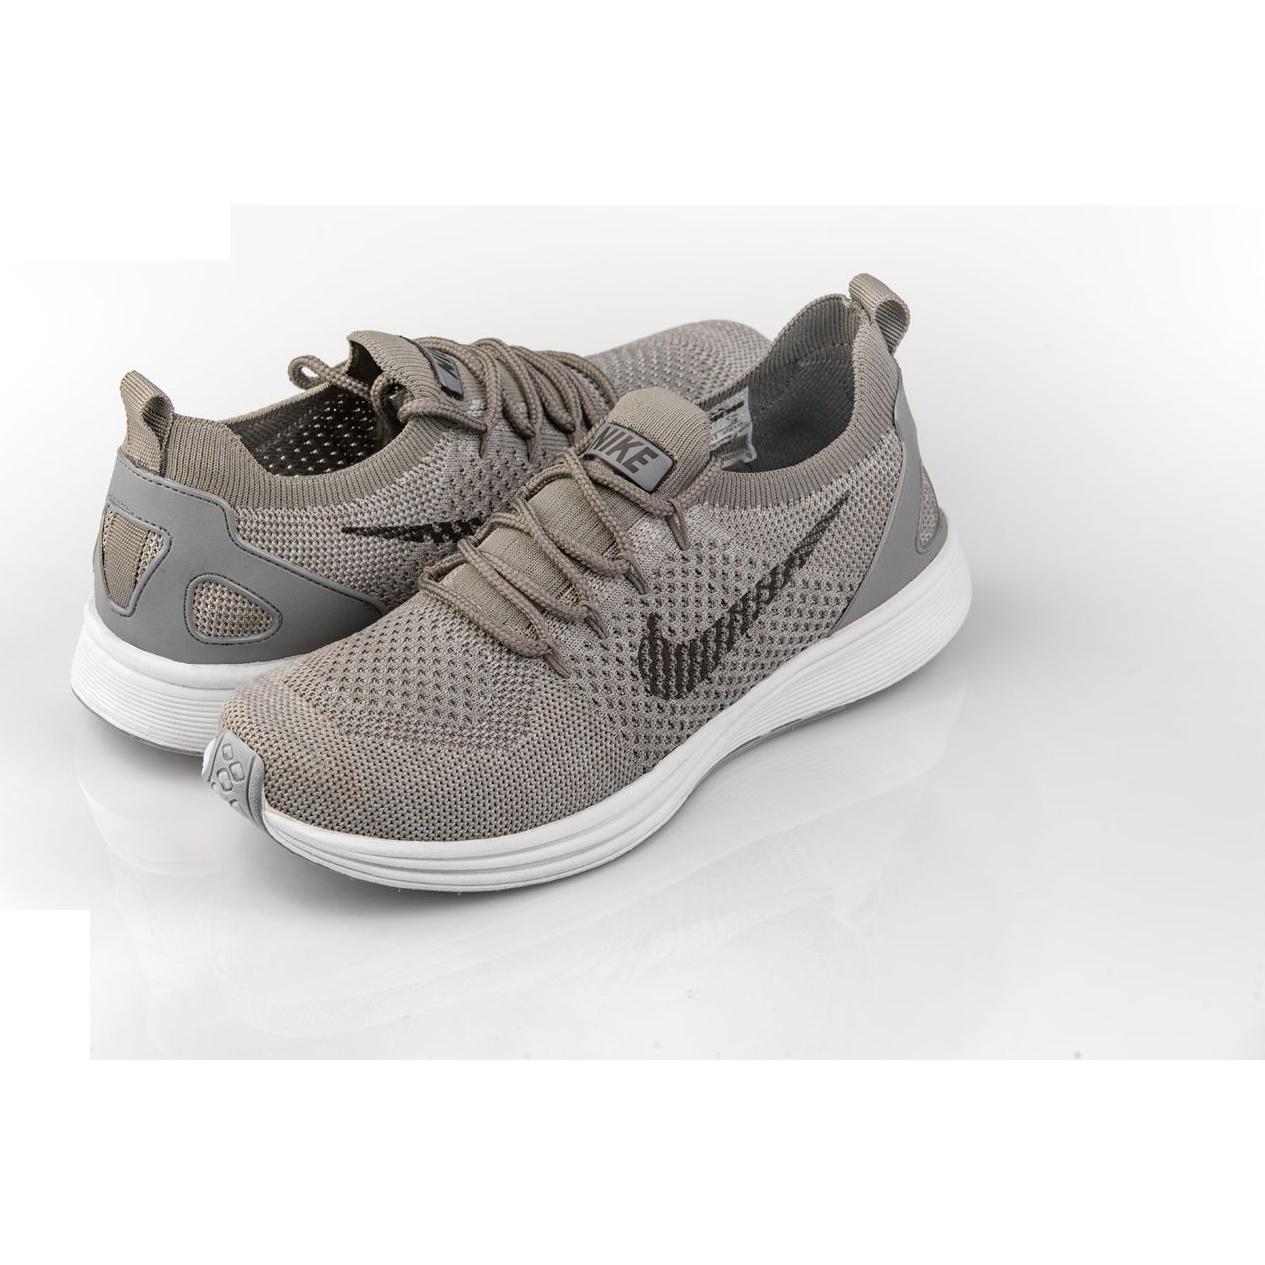 کفش مخصوص پیاده روی زنانه مدل رویال رنگ طوسی